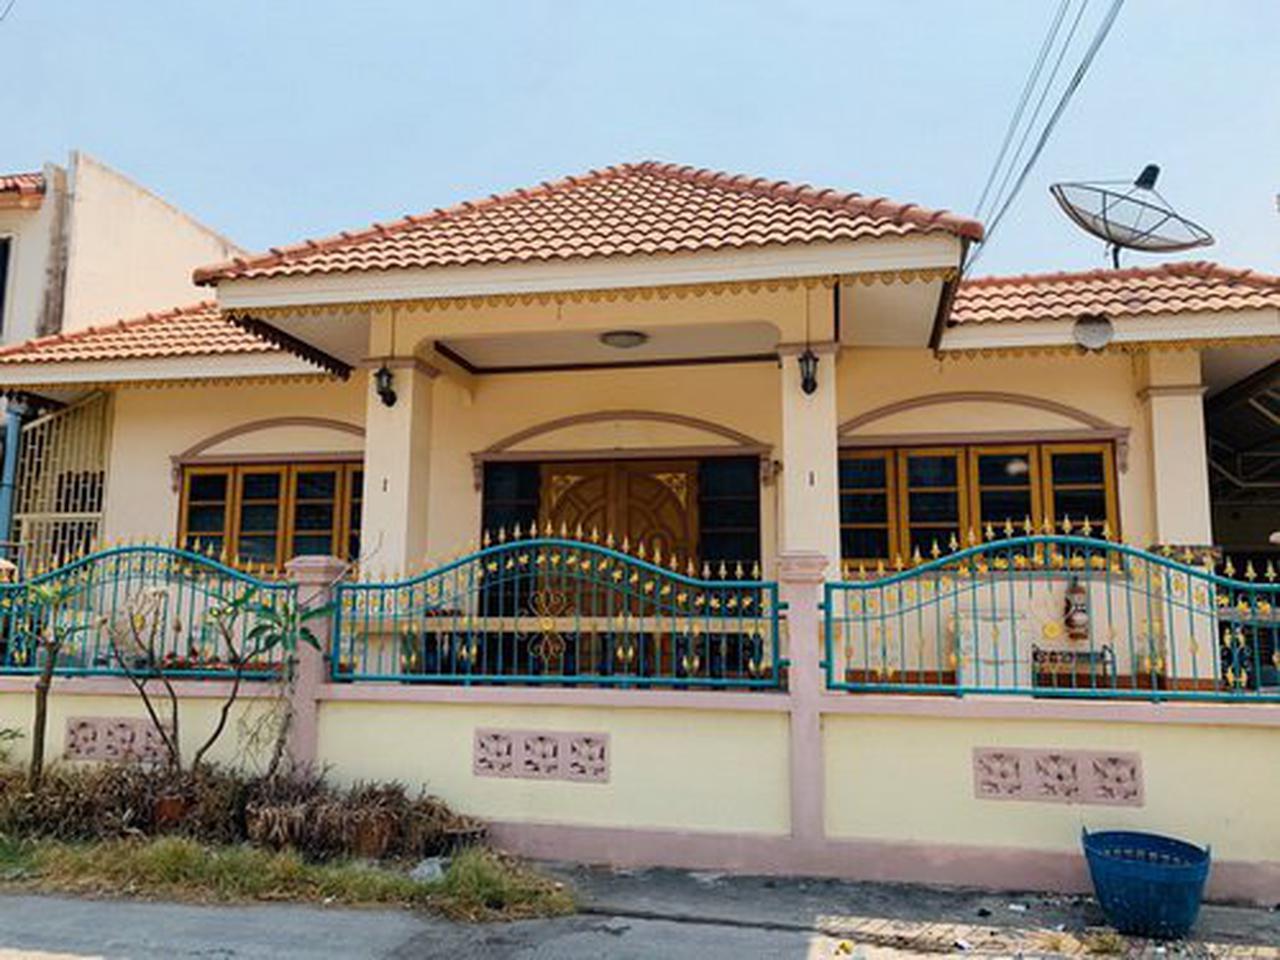 ขายบ้านเดี่ยวชั้นเดียว หมู่บ้านยุคลธร ขนาด 67.1 ตรว หมู่บ้านยุคลธร อ.พระพุทธบาท จ.สระบุรี    รูปที่ 5